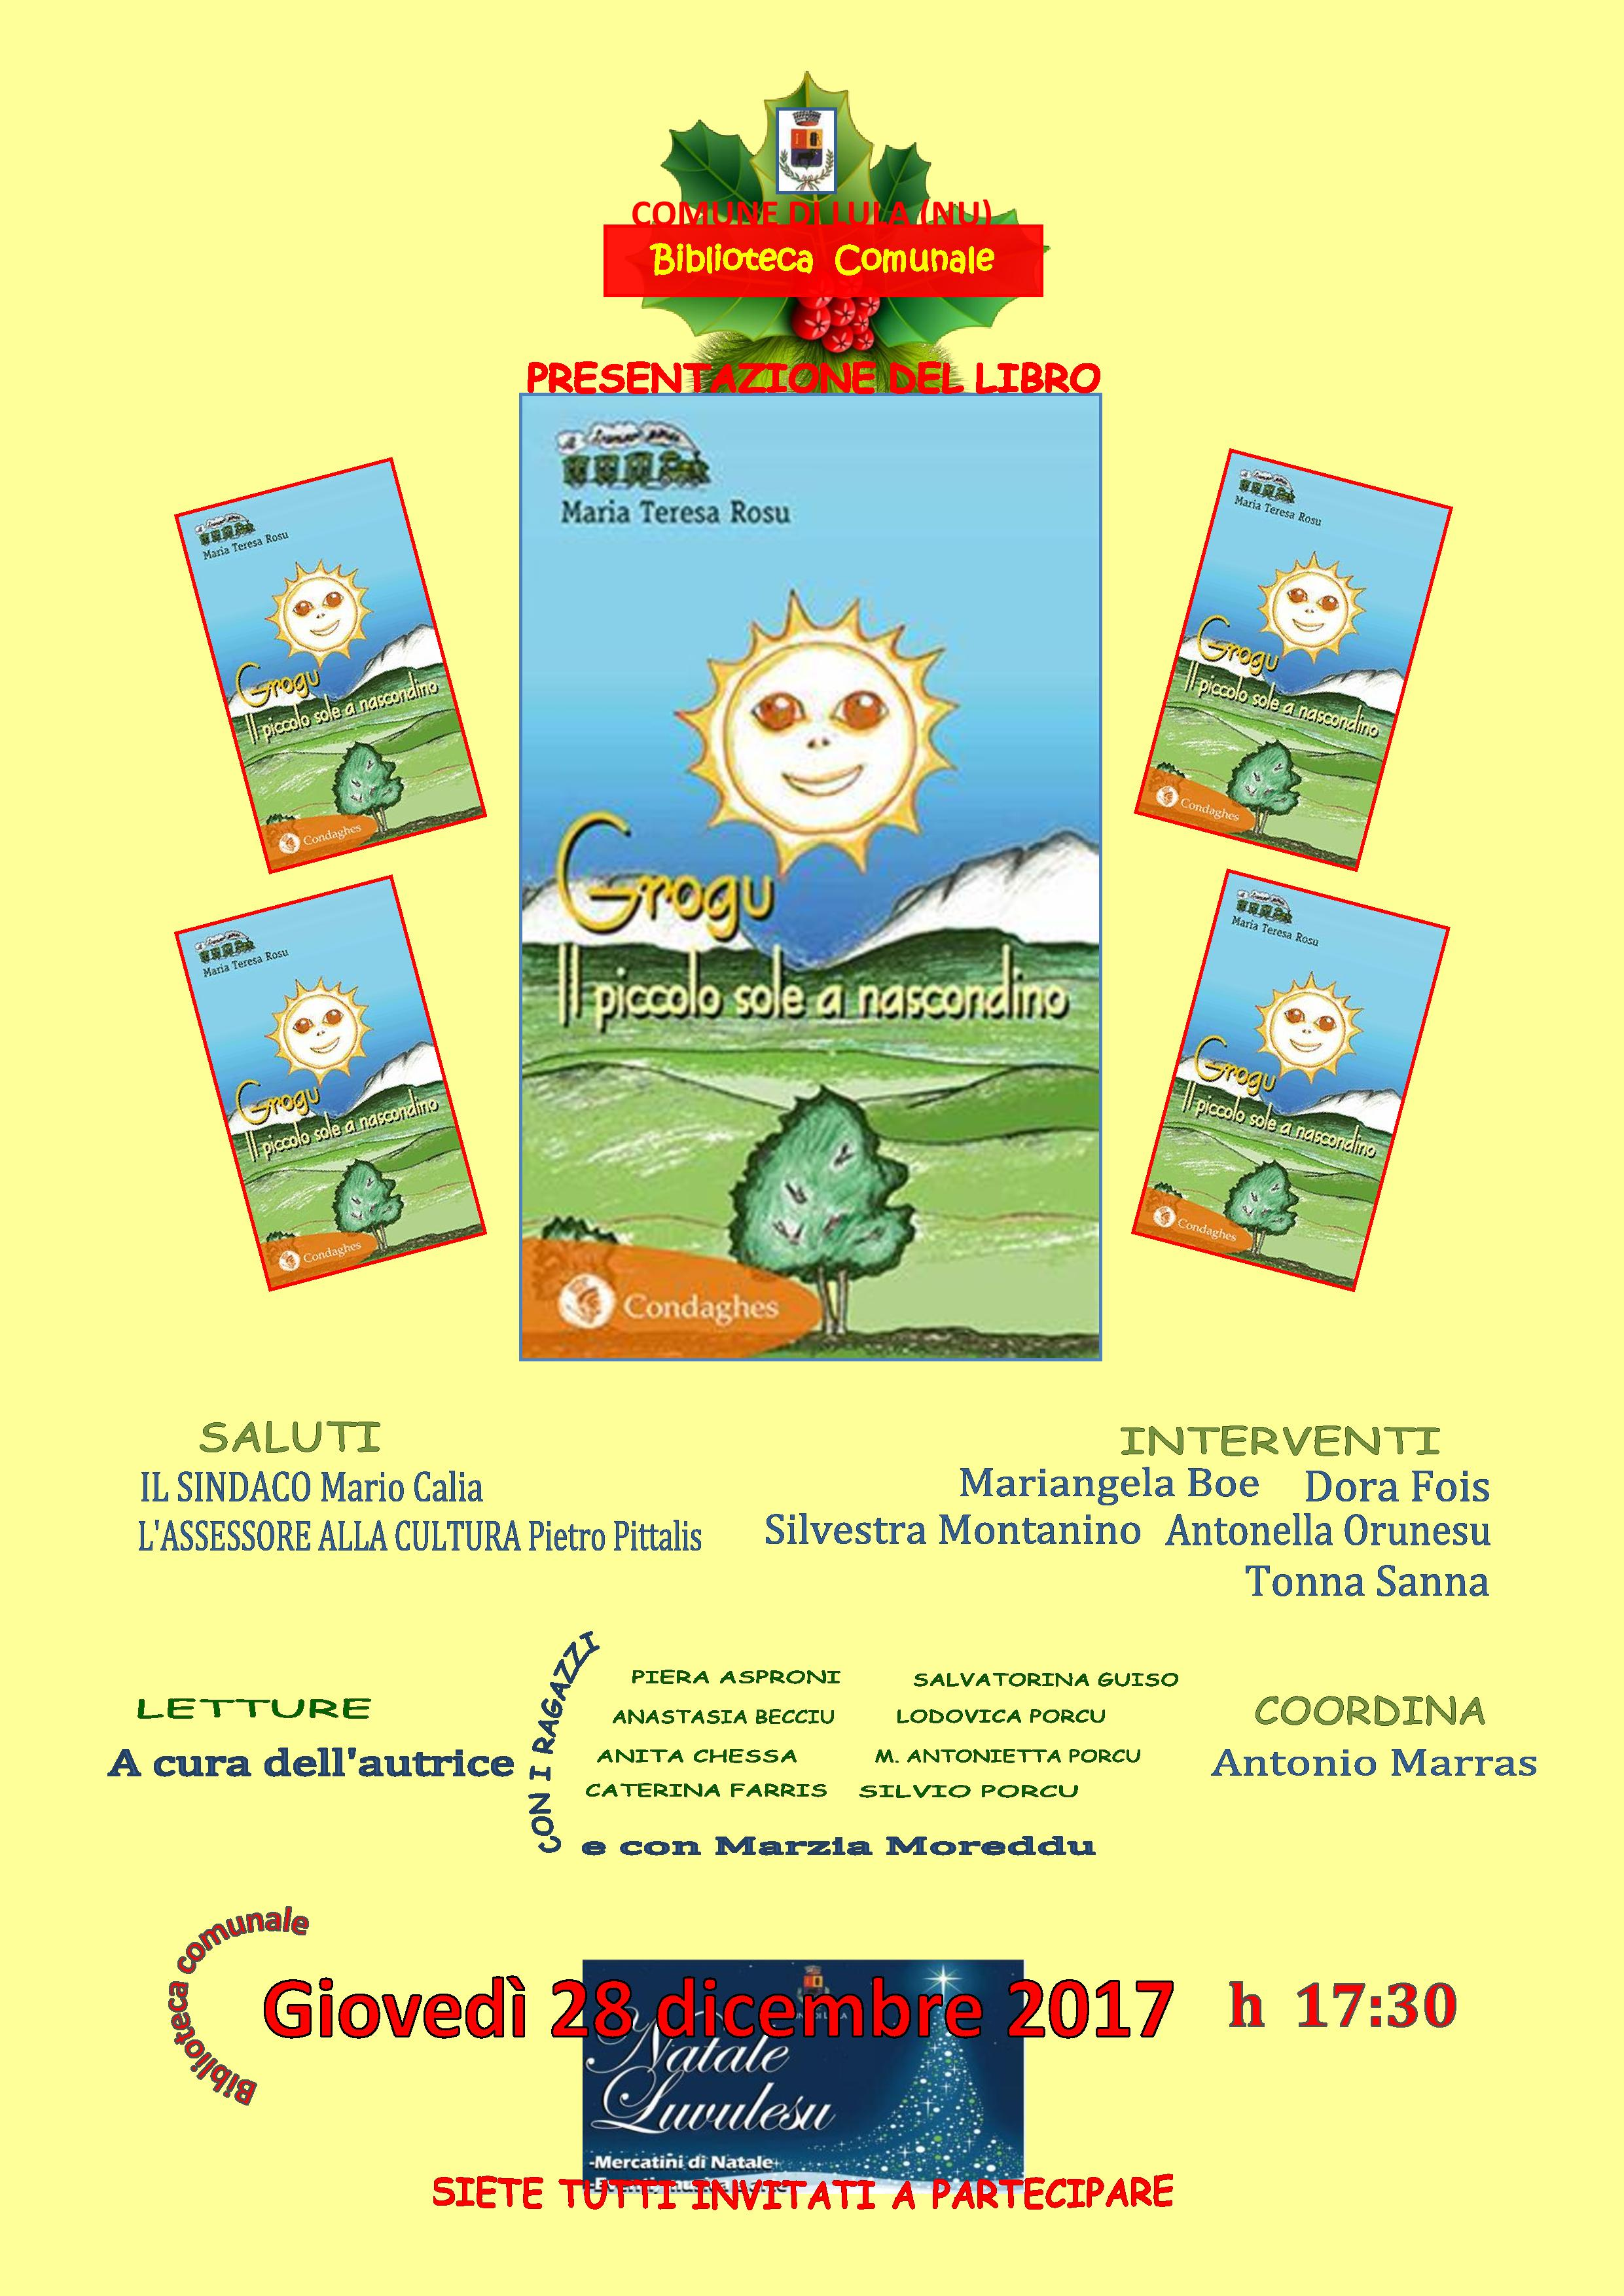 Presentazione del libro 'Grogu. Il piccolo sole a nascondino'